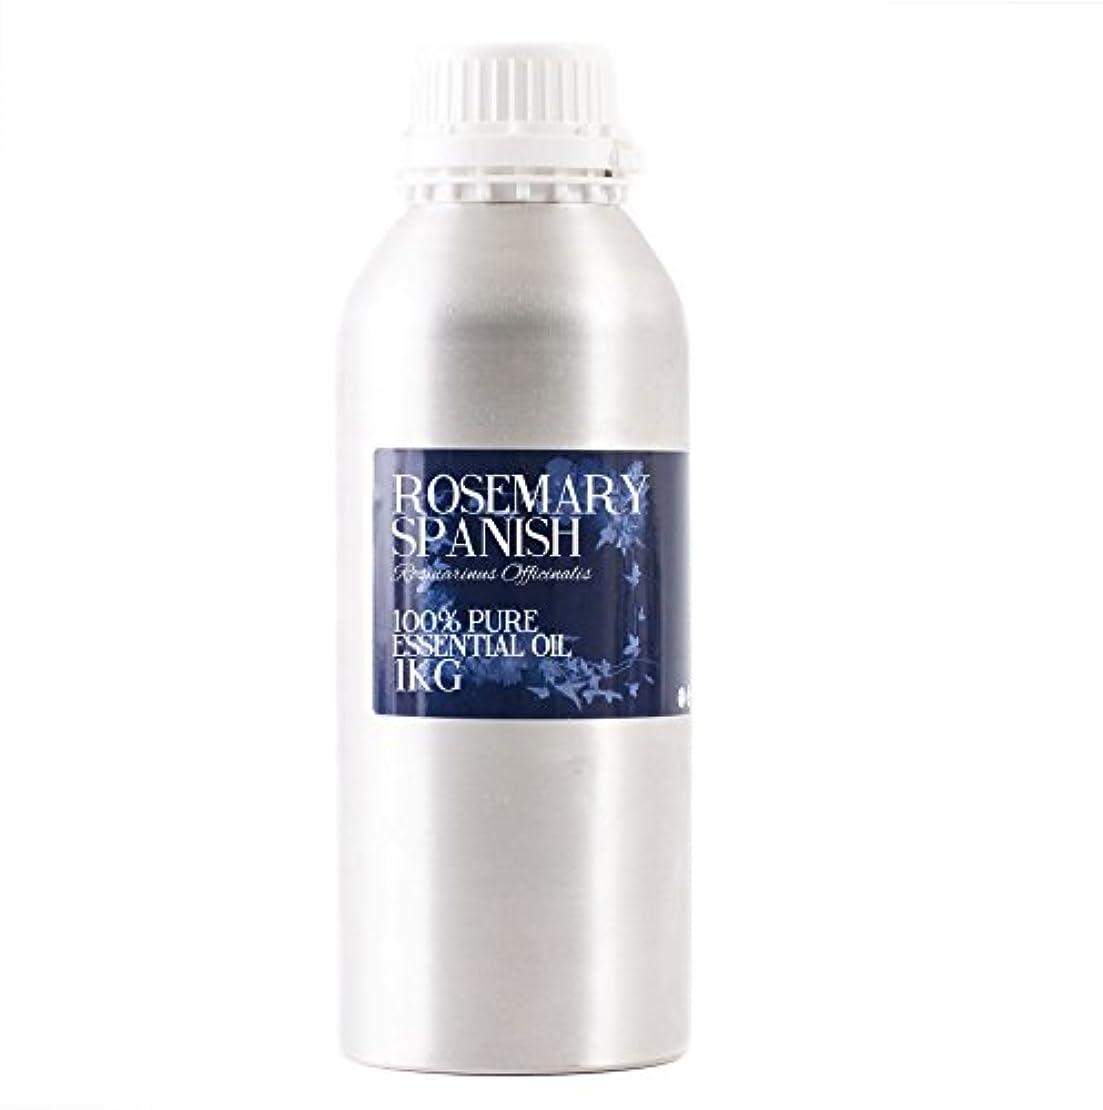 解決モンキー重量Mystic Moments | Rosemary Spanish Essential Oil - 1Kg - 100% Pure